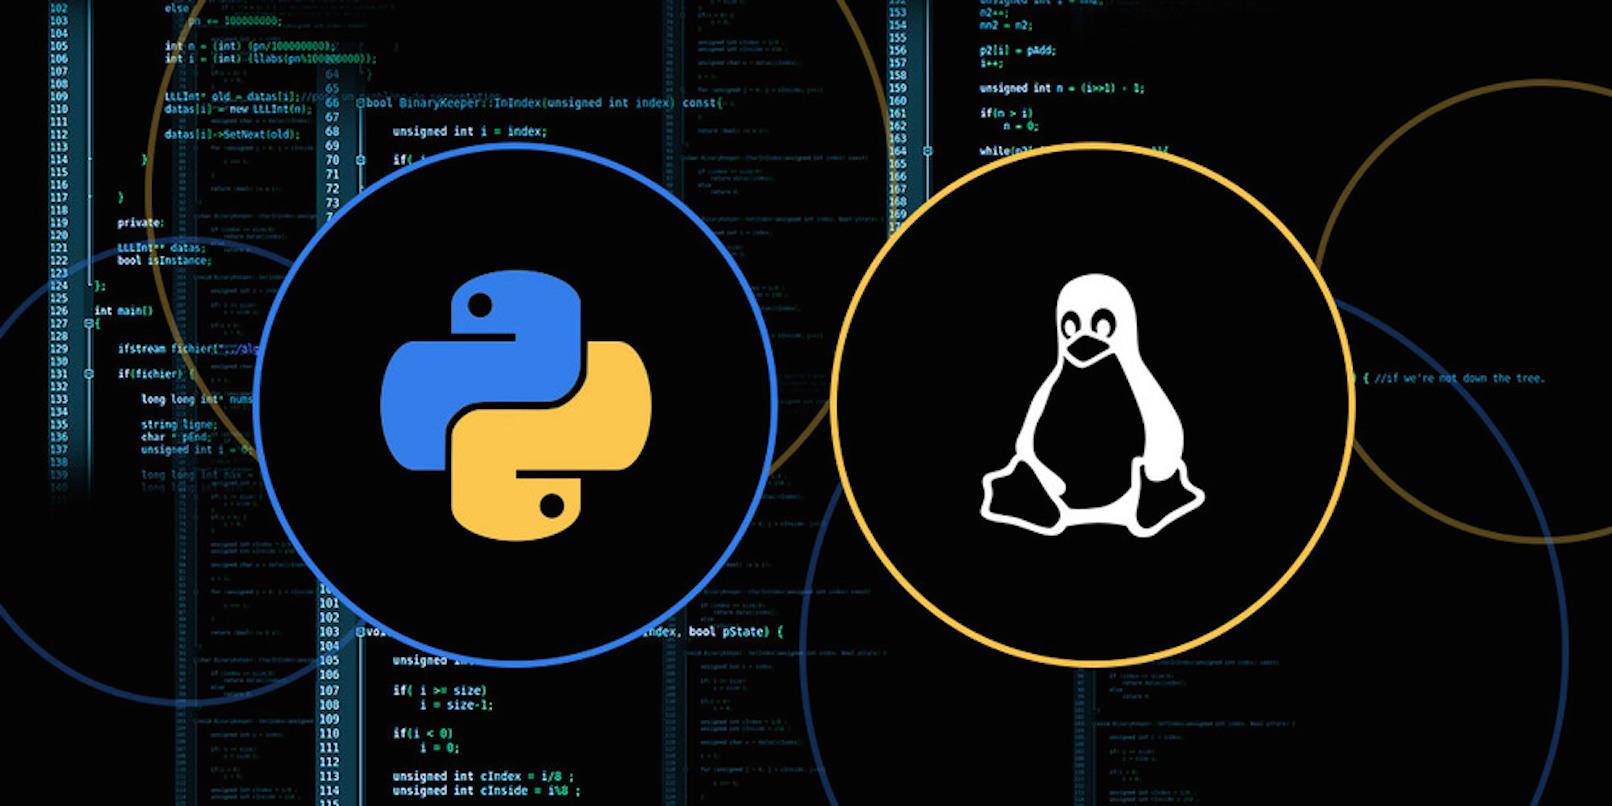 我在大学毕业后学习Linux系统的心得经验